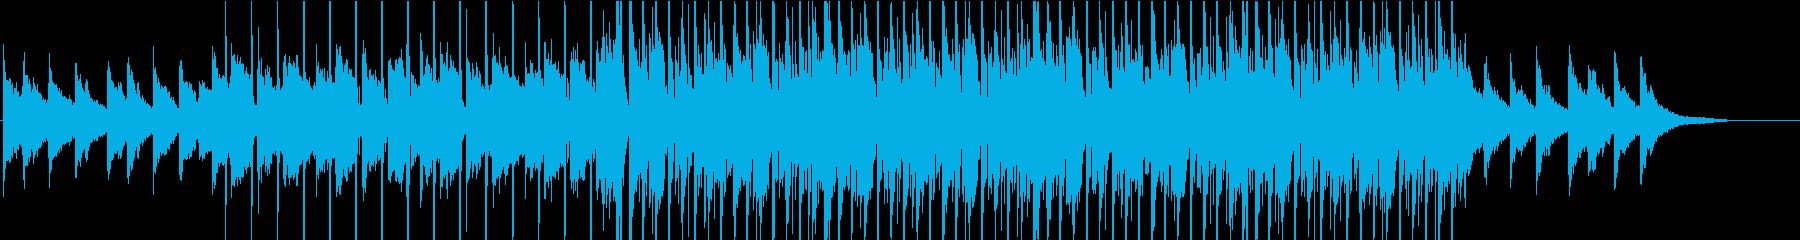 洋楽感のあるダンスビートの再生済みの波形